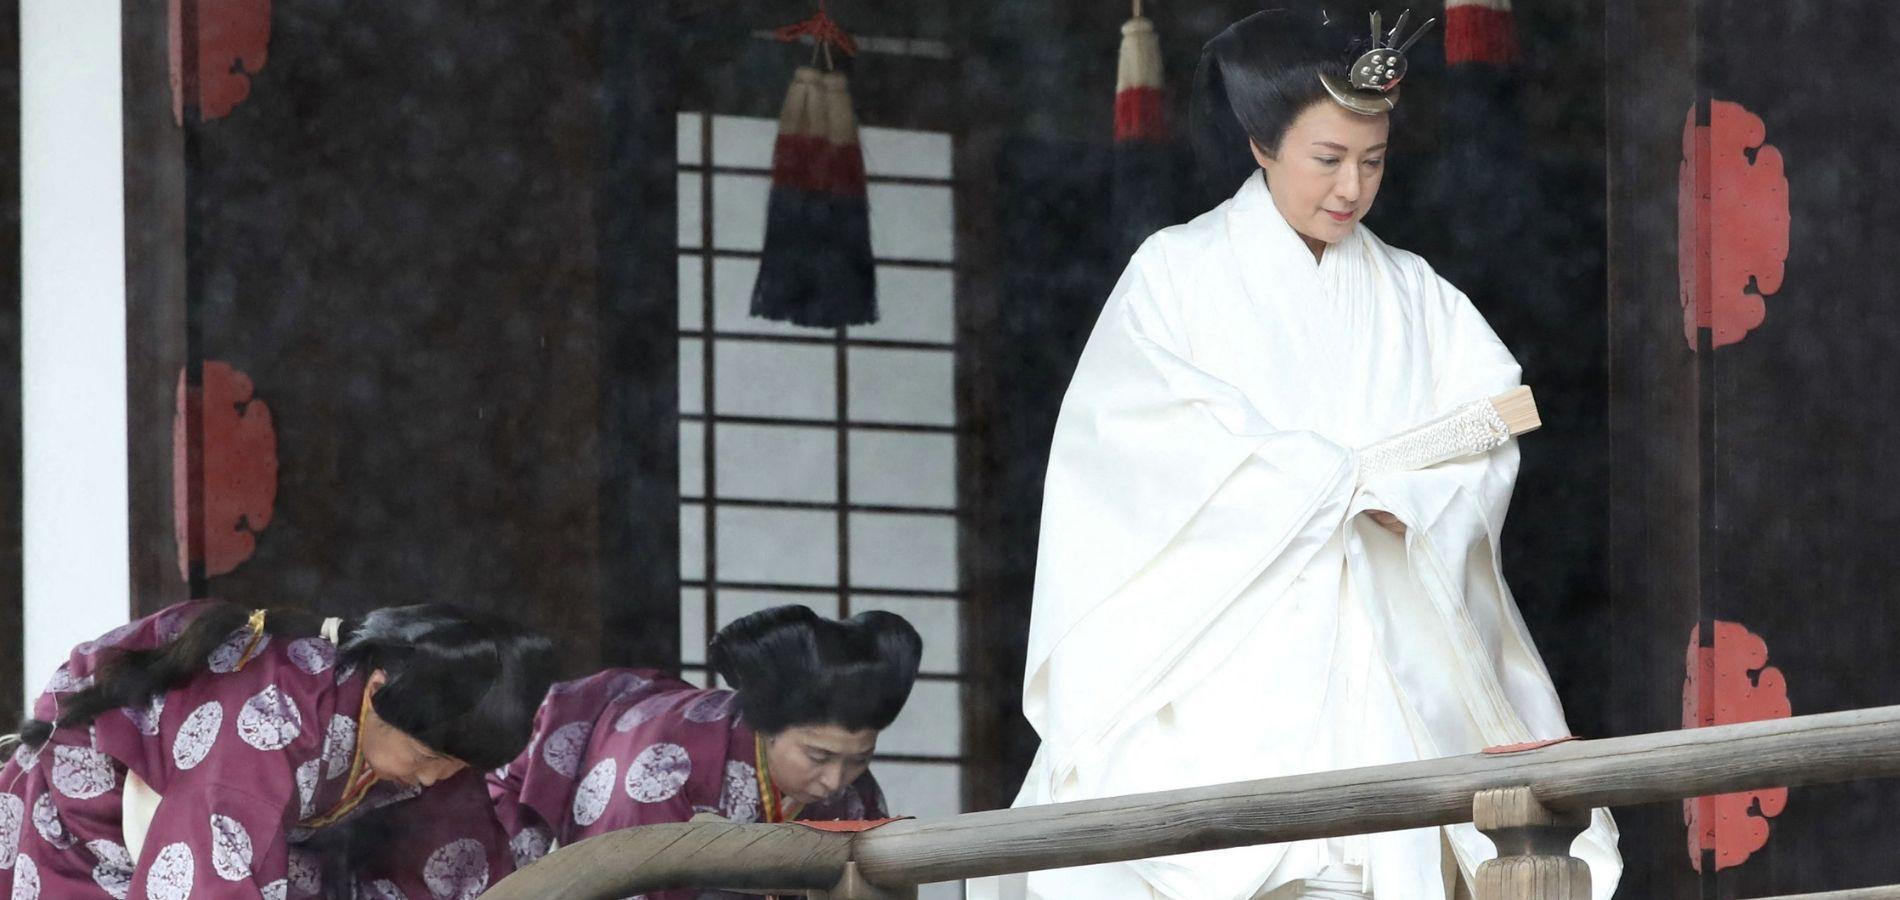 Masako, le destin contrarié de la nouvelle impératrice du Japon